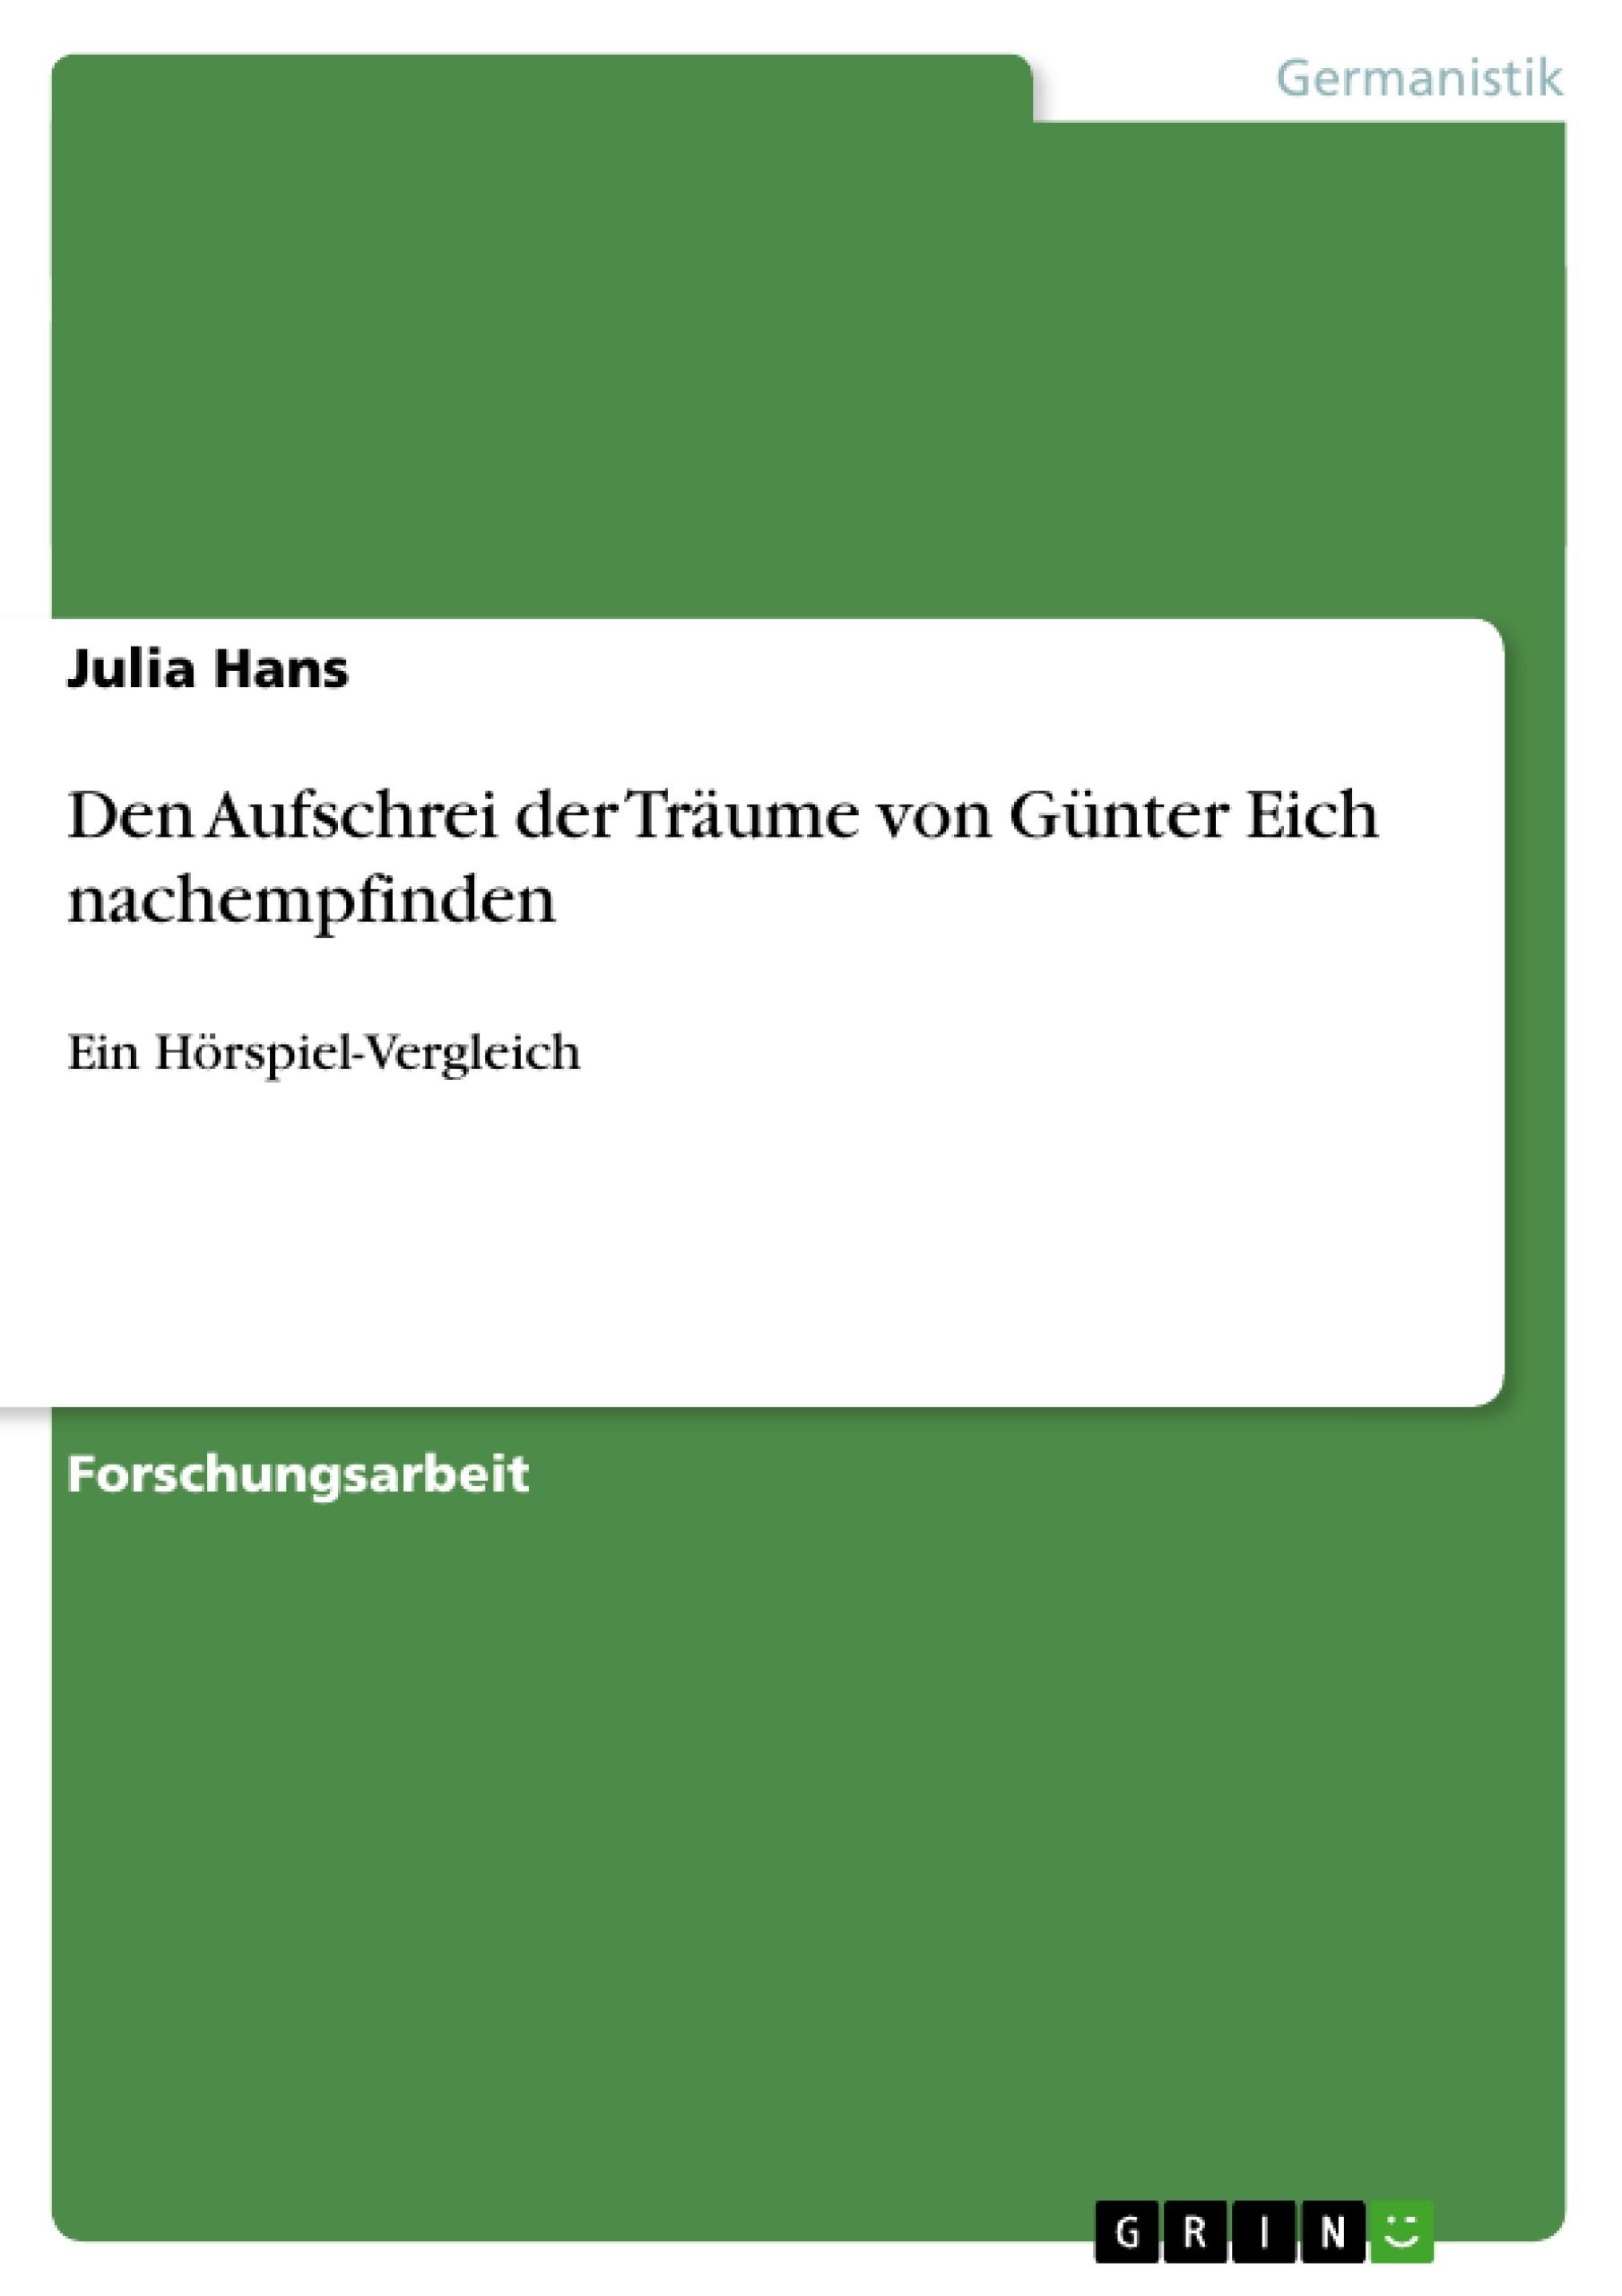 Titel: Den Aufschrei der Träume von Günter Eich nachempfinden